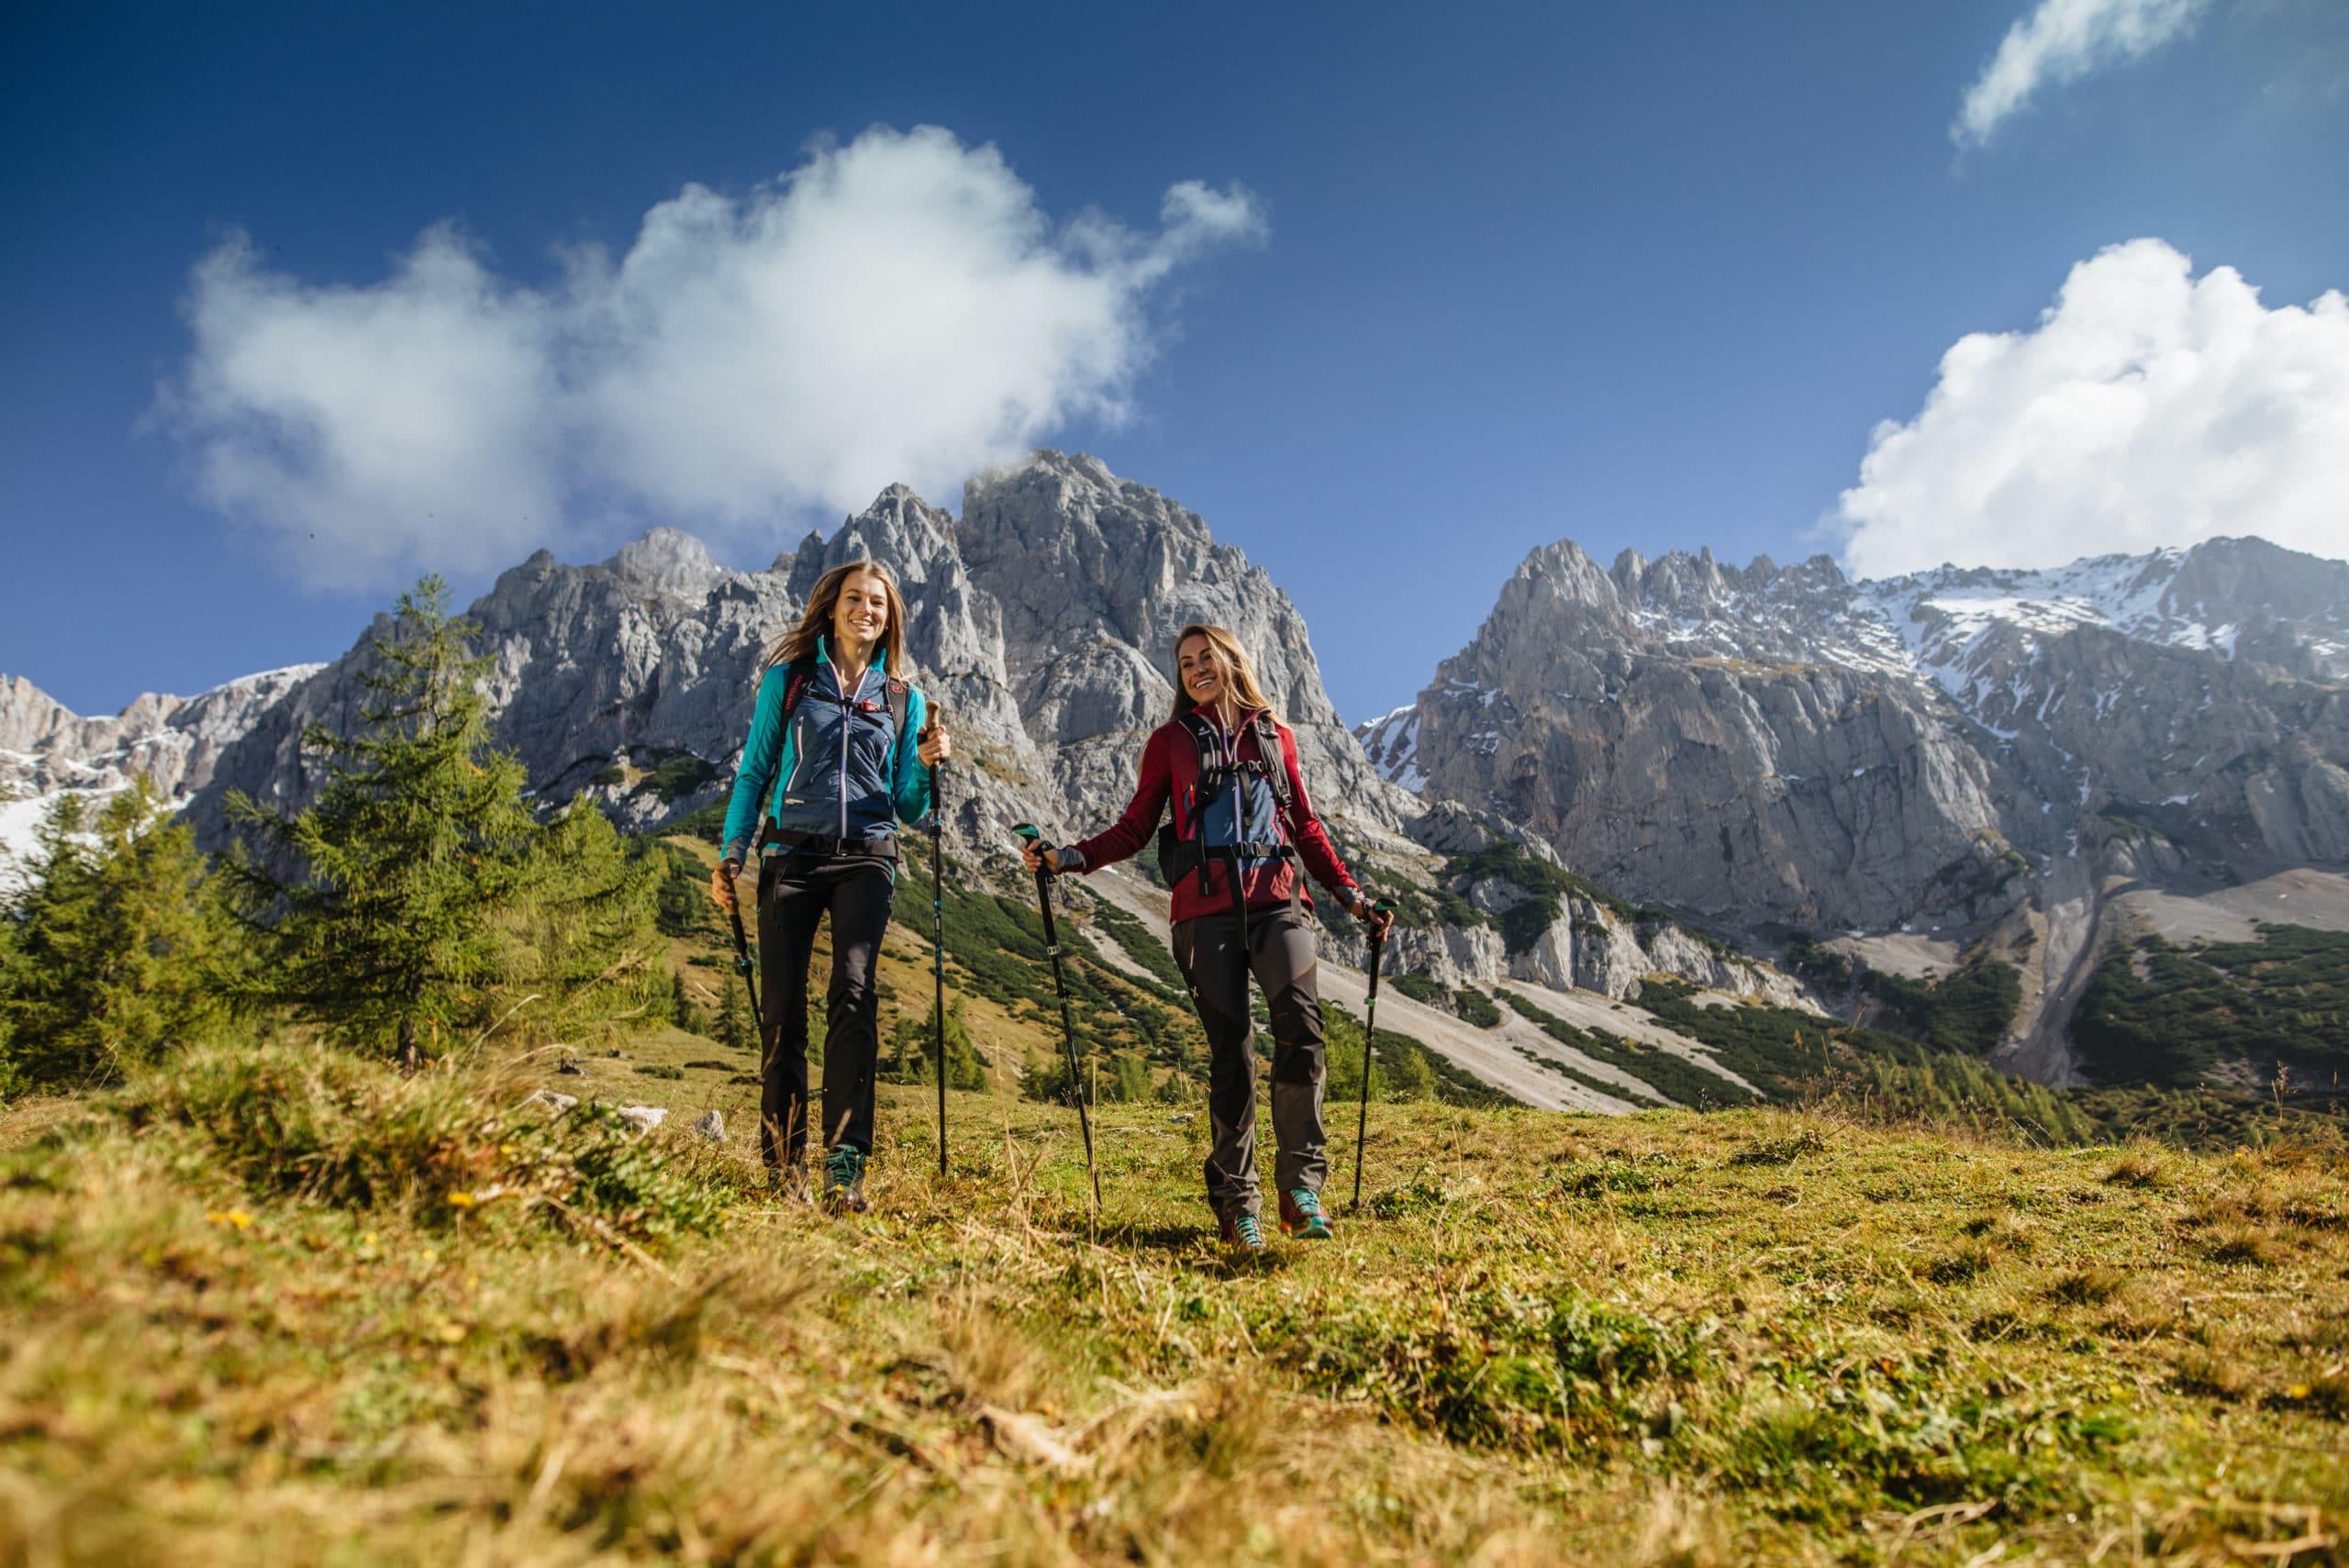 Zwei Wanderer im herbstlichen Gebirge